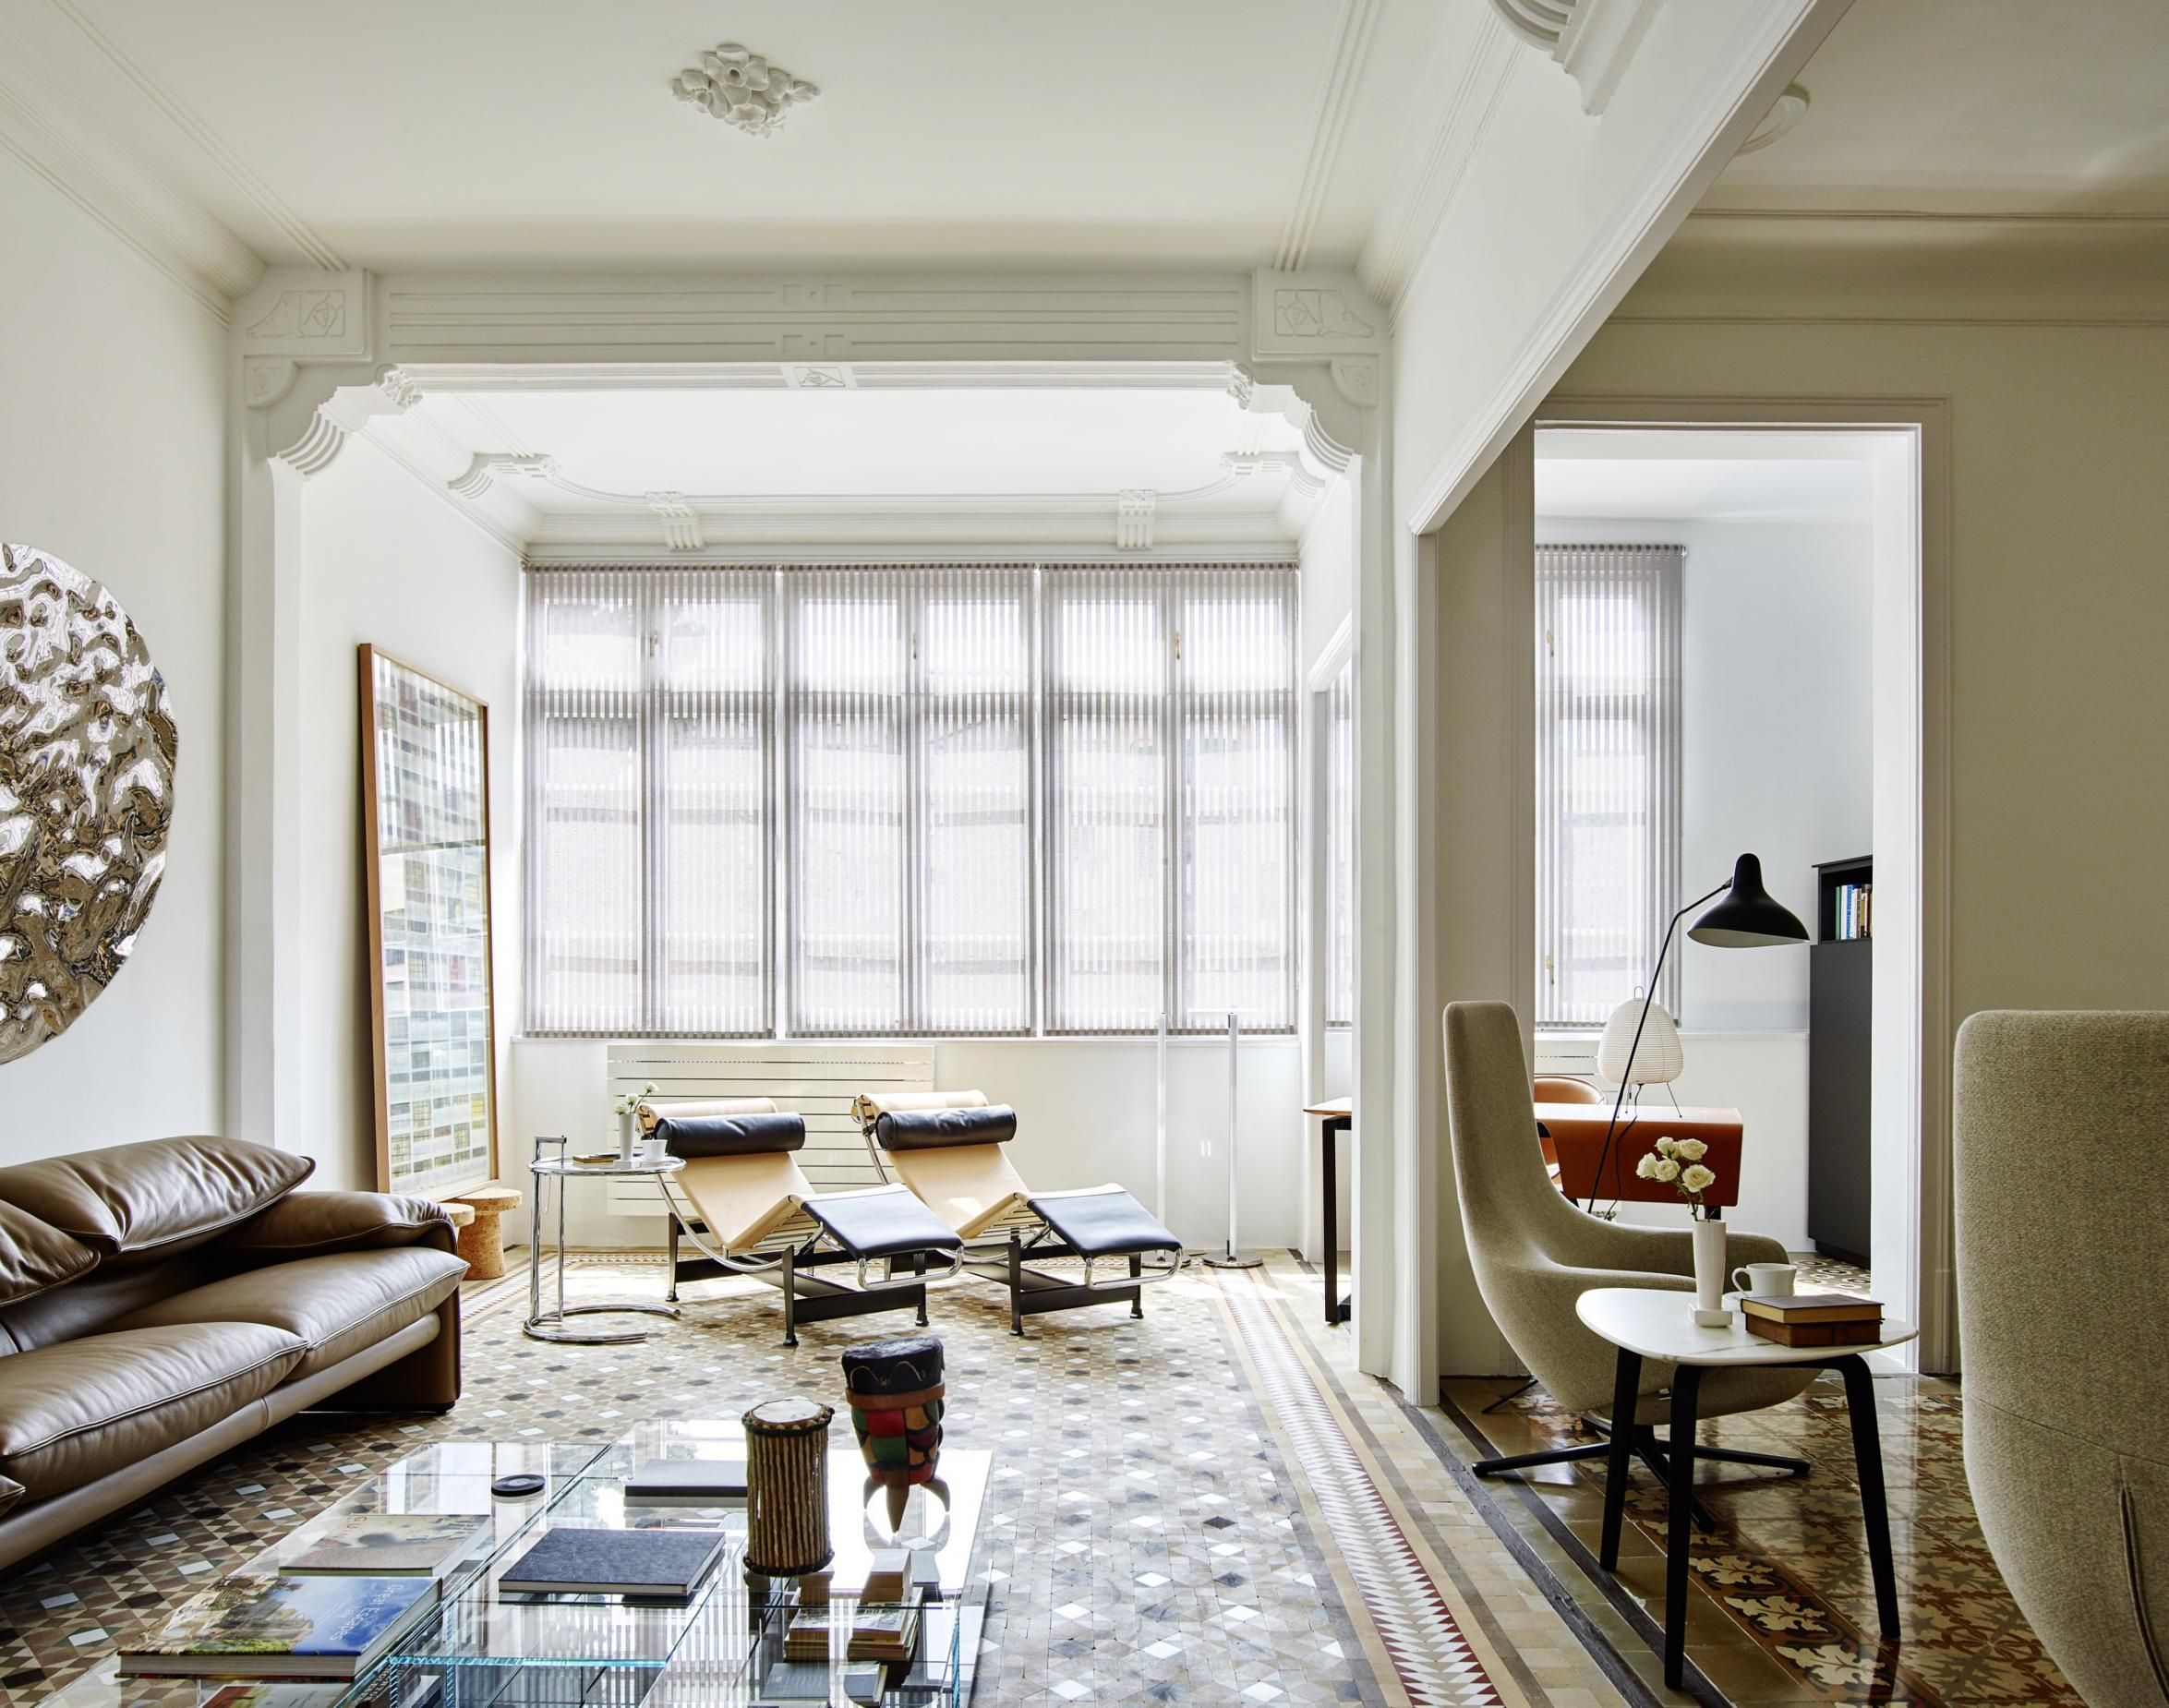 Restauraci n de un piso modernista en el ensanche vilablanch estudio de arquitectura interior - Estudios de interiorismo en barcelona ...